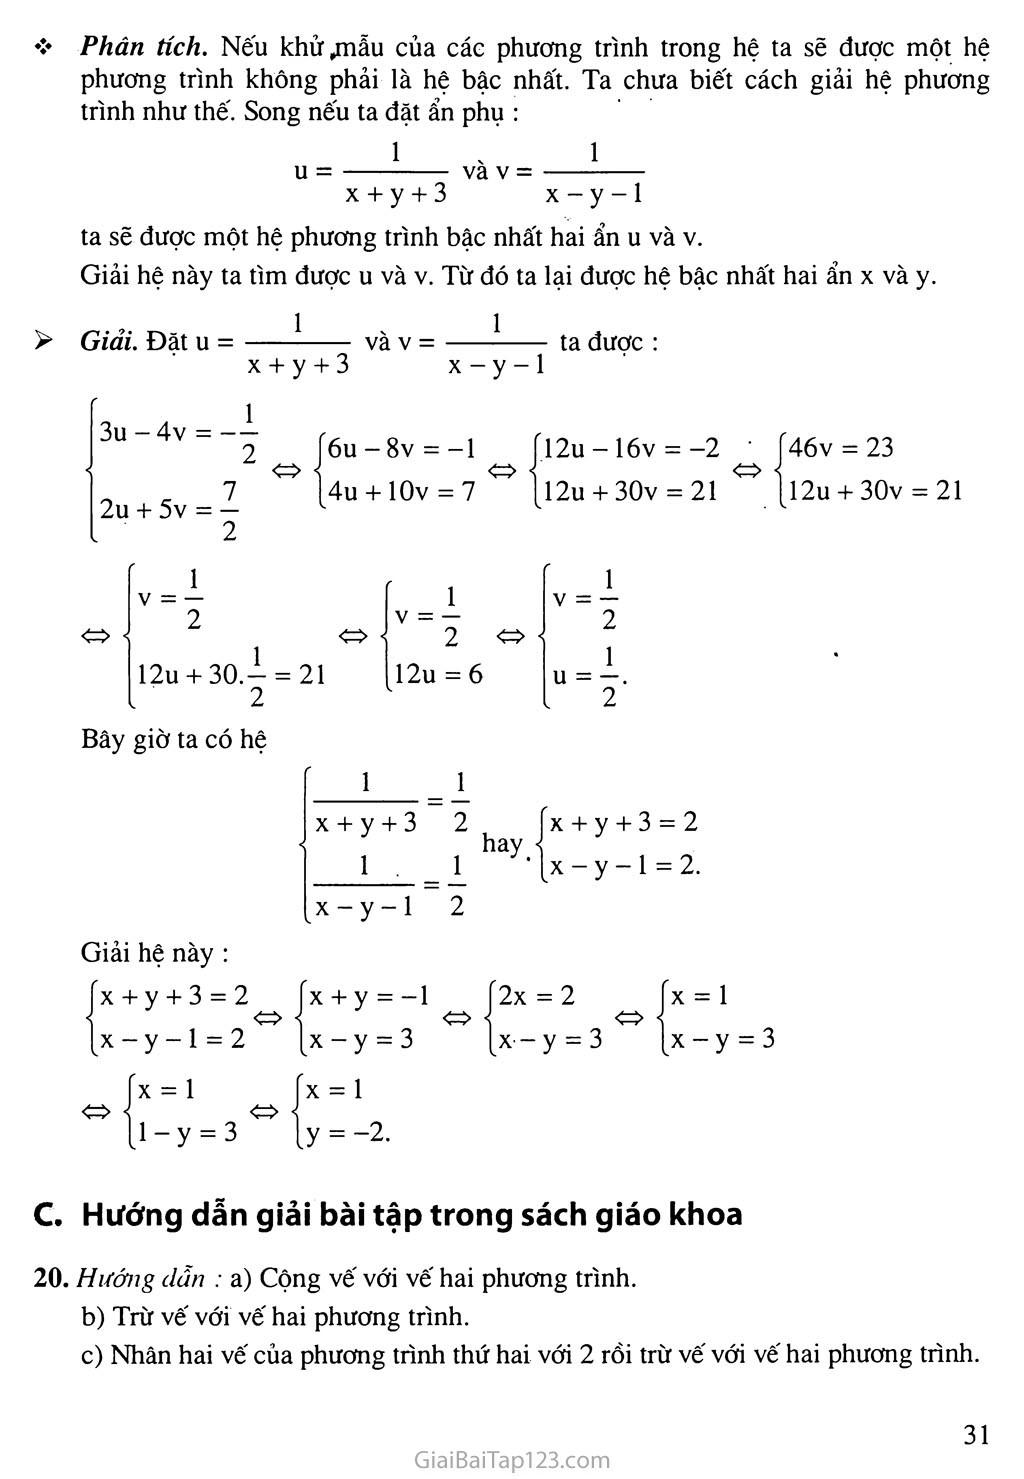 Bài 4. Giải hệ phương trình bằng phương pháp cộng đại số trang 3